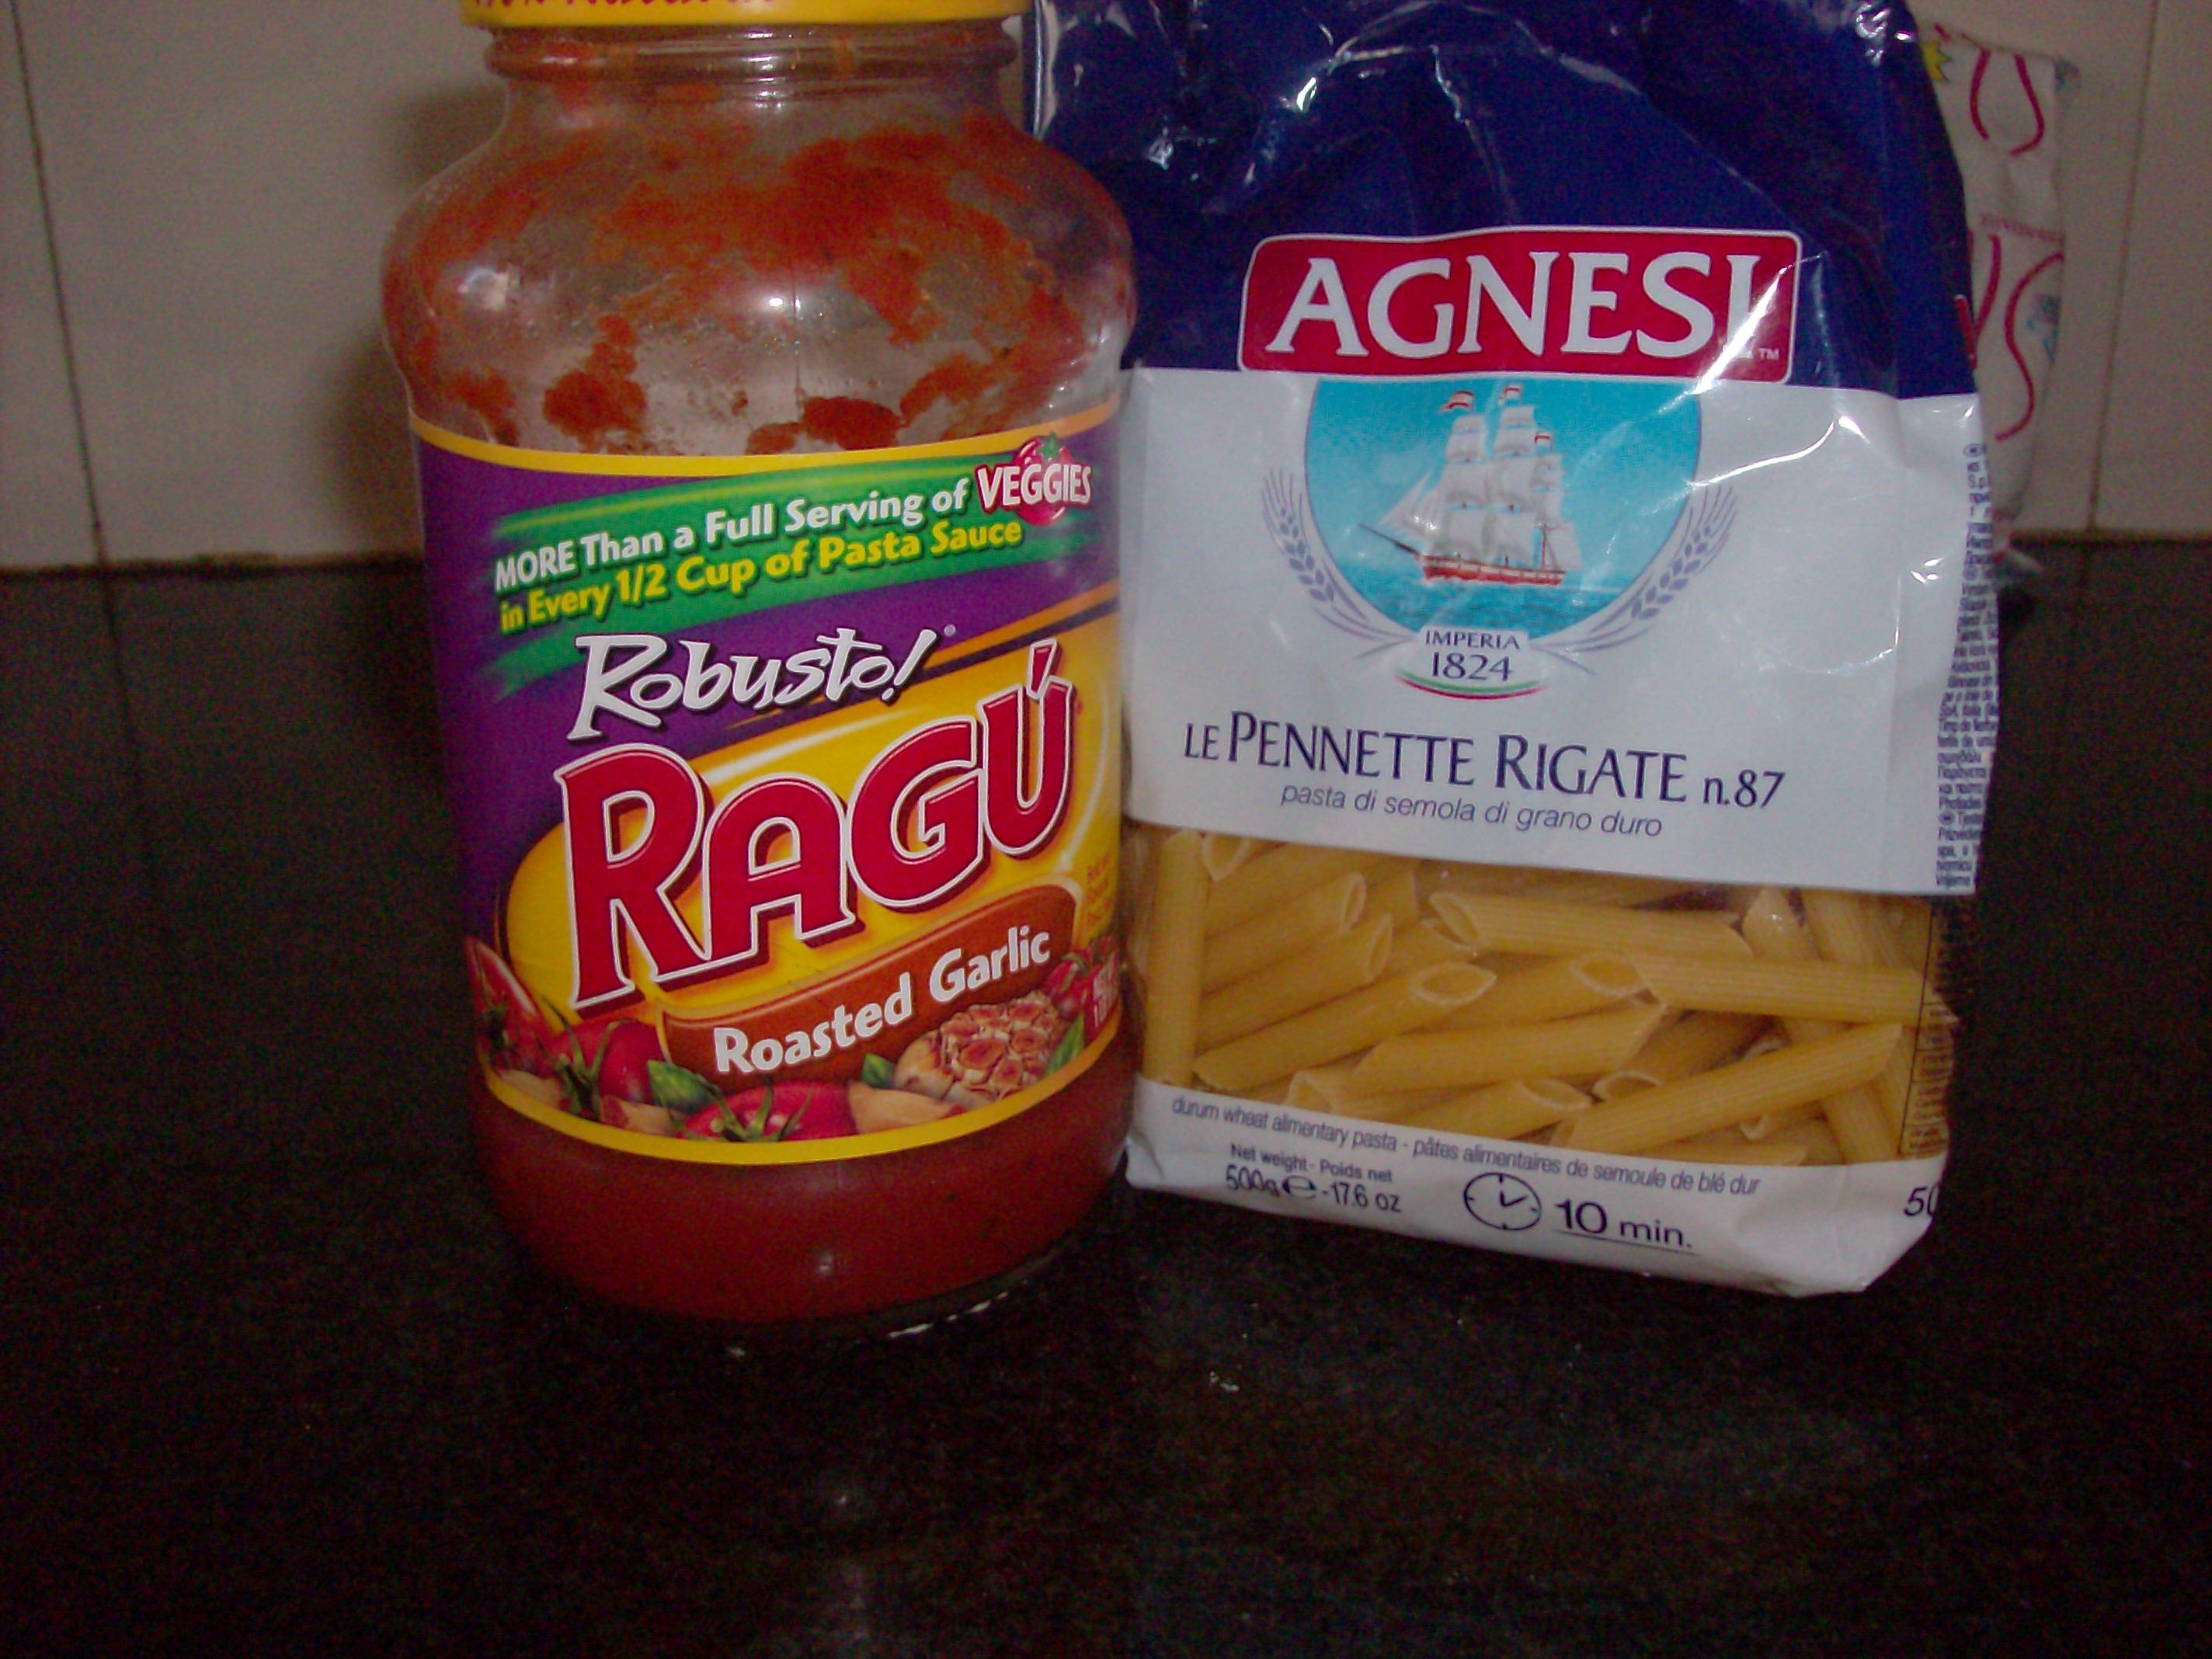 Ragu and Pasta India